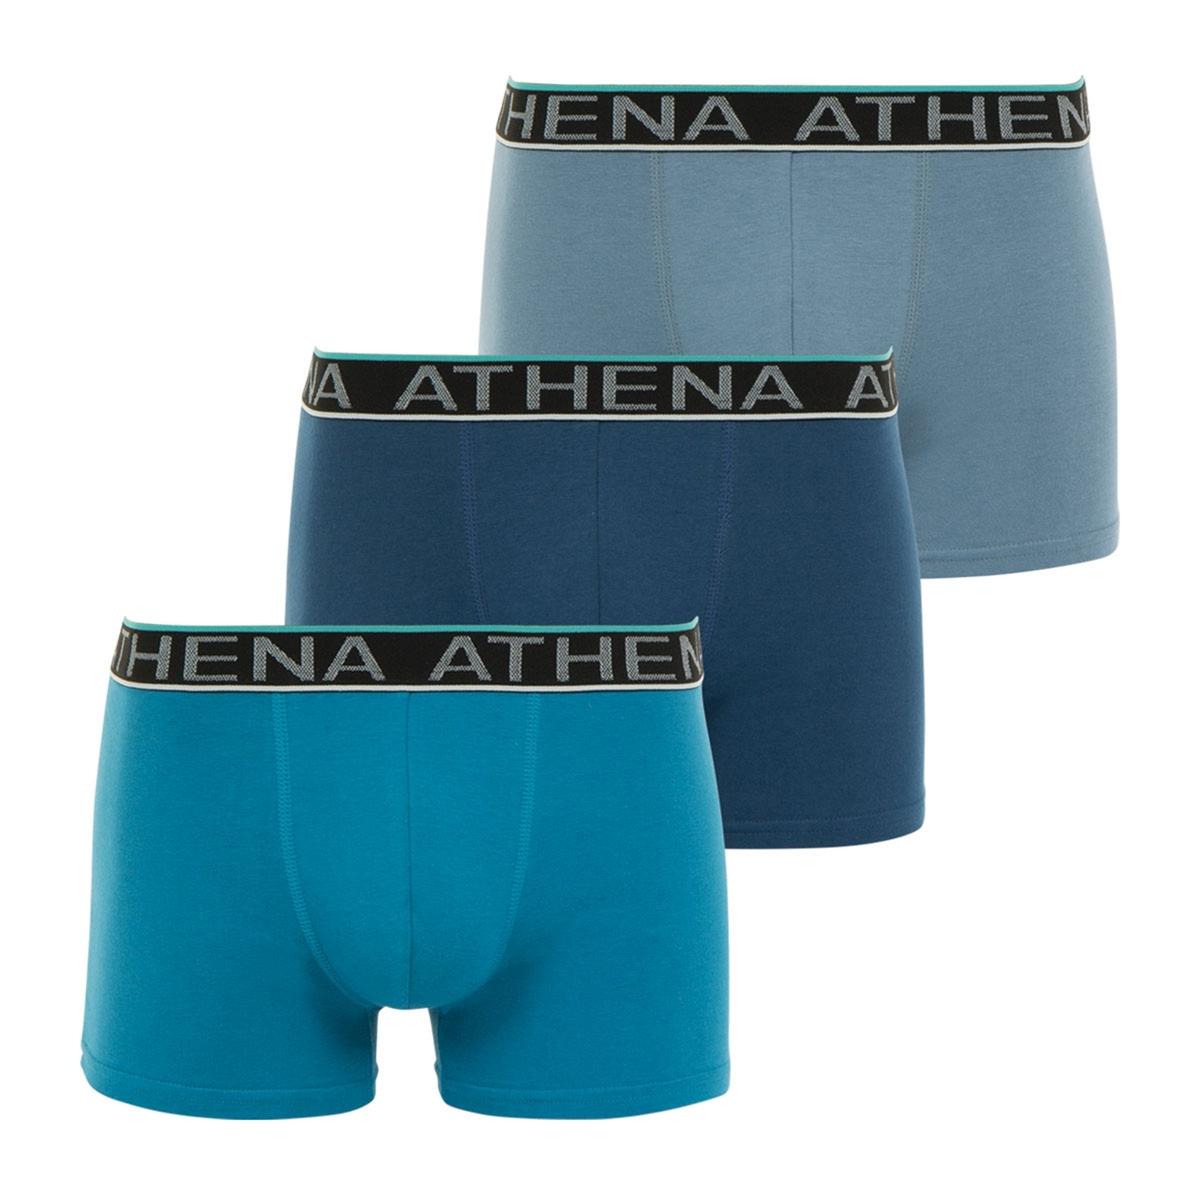 Комплект из 3 трусов-боксеровОписание:Комплект из 3 трусов-боксеров для мужчин Easy Chic от Athena с тонкой цветной линией на поясе. великолепная модель от Athena : изящные трусы-боксеры (3 шт.)Состав и описание :Комплект из 3 трусов-боксеров для мужчин. Логотип Athena на поясе. Контрастная деталь. Материал : 95% хлопка, 5% эластана.. Джерси. Марка : ATHENA.Модель : Easy ChicУход :Стирать при 40° с вещами схожих цветов.Машинная сушка запрещена.<br><br>Цвет: темно-синий + синий + серый,черный + черный + черный